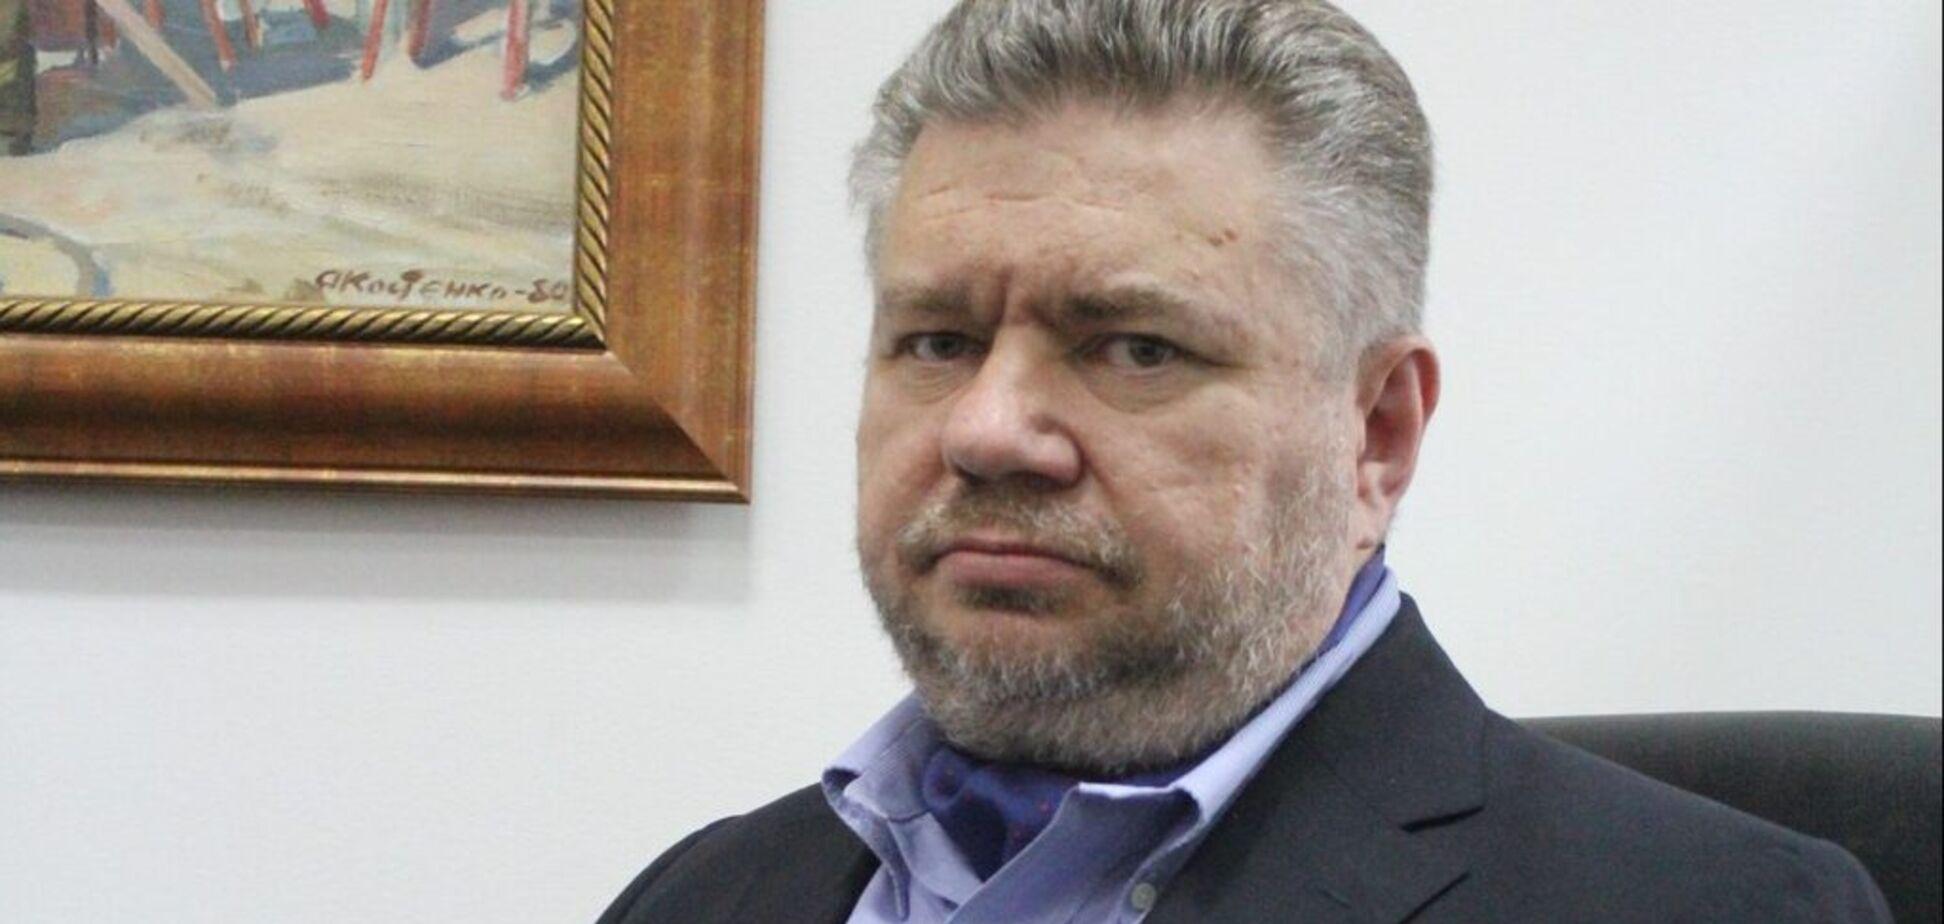 Адвокат Порошенко Головань: против Портнова зарегистрировано уголовное производство за заведомо ложные сообщения